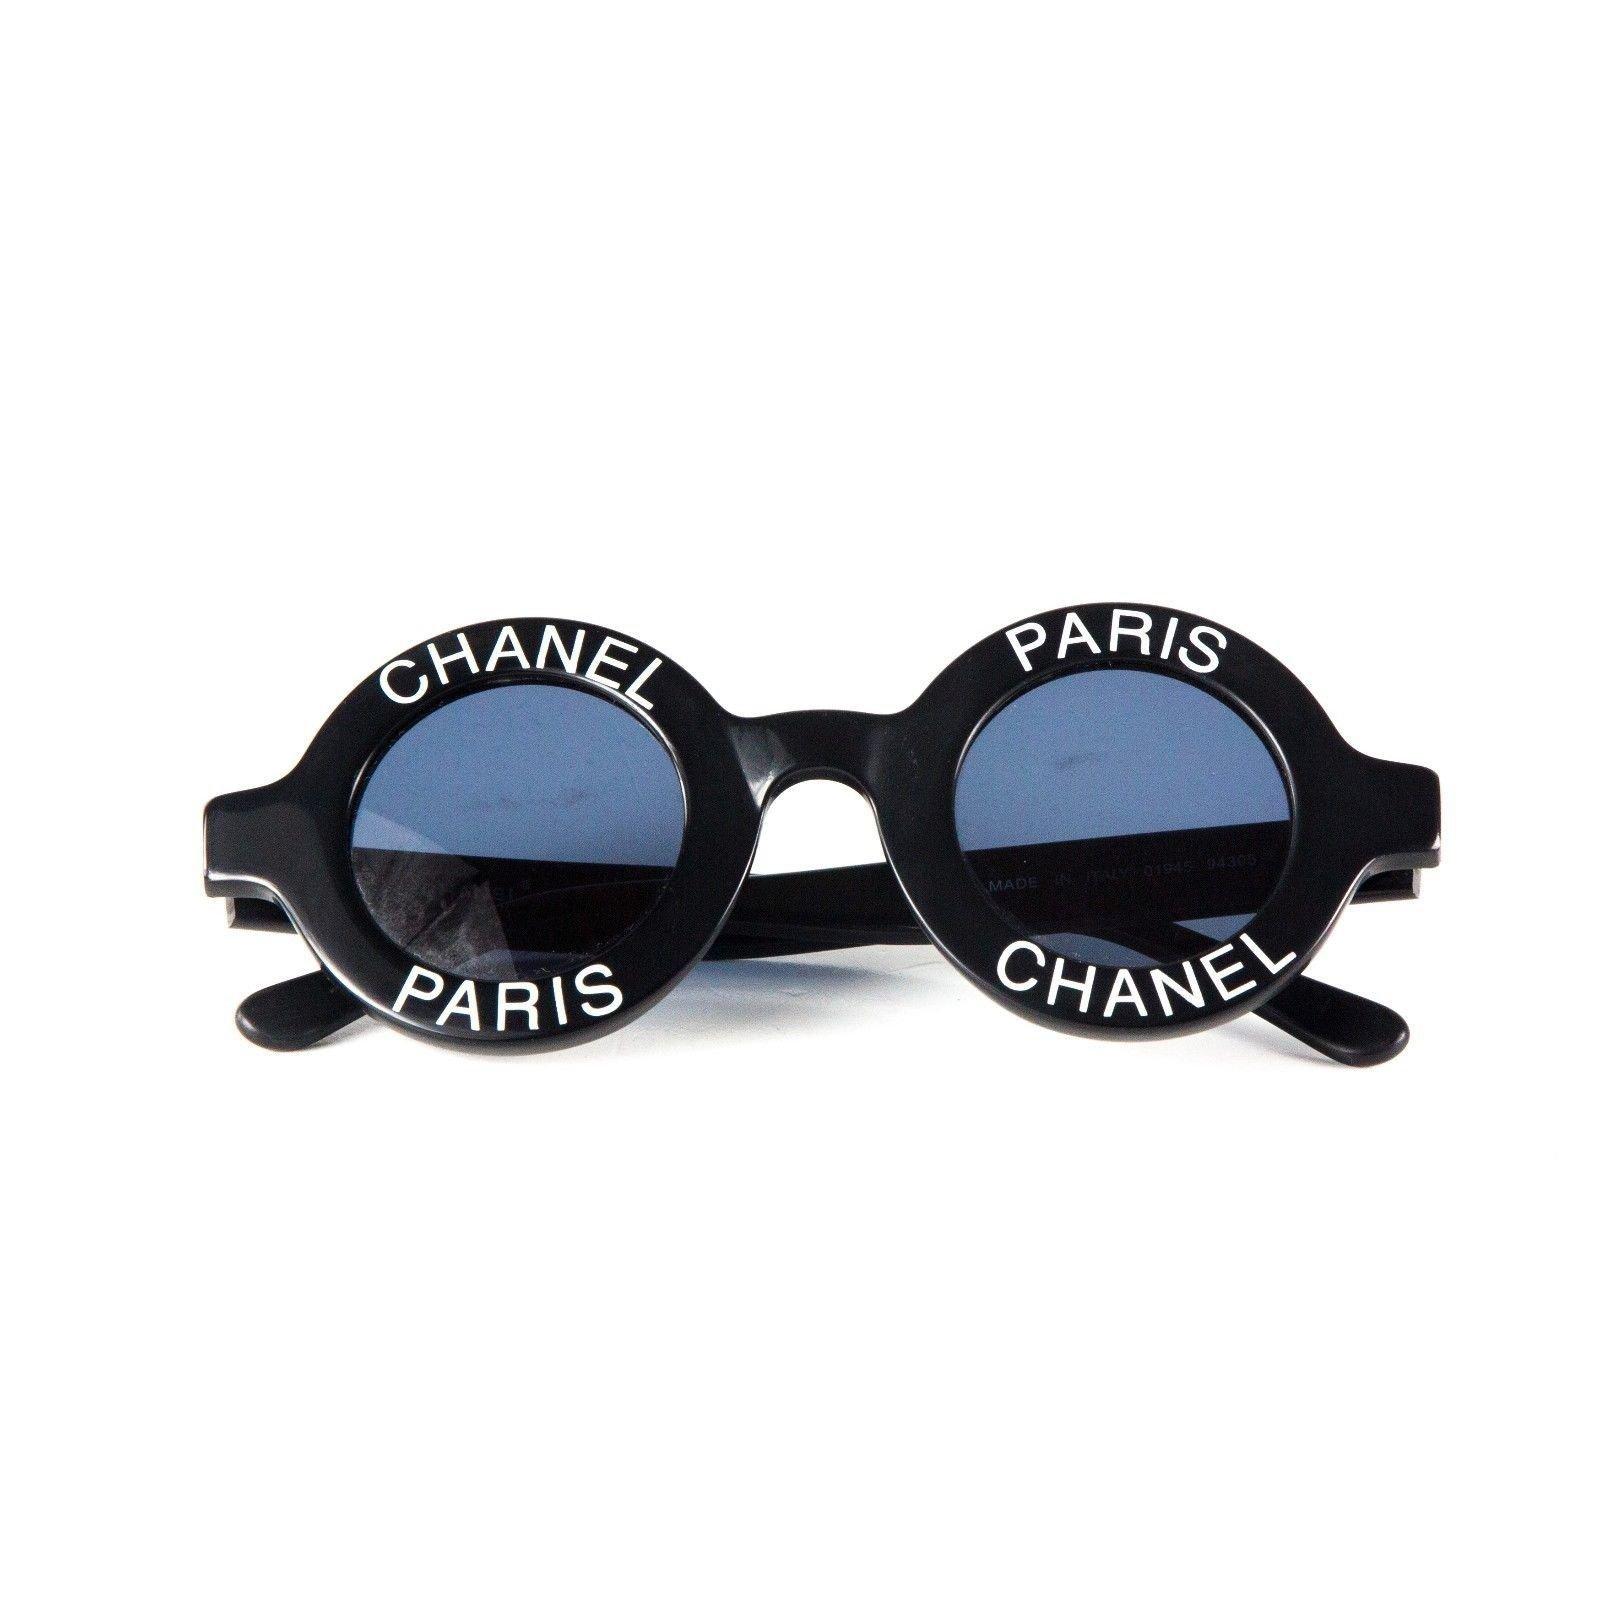 5515d6411c4010 Lunettes Chanel Chanel Lunettes de soleil rondes -Vintage Logo Autre Autre  ref.37099 - Joli Closet